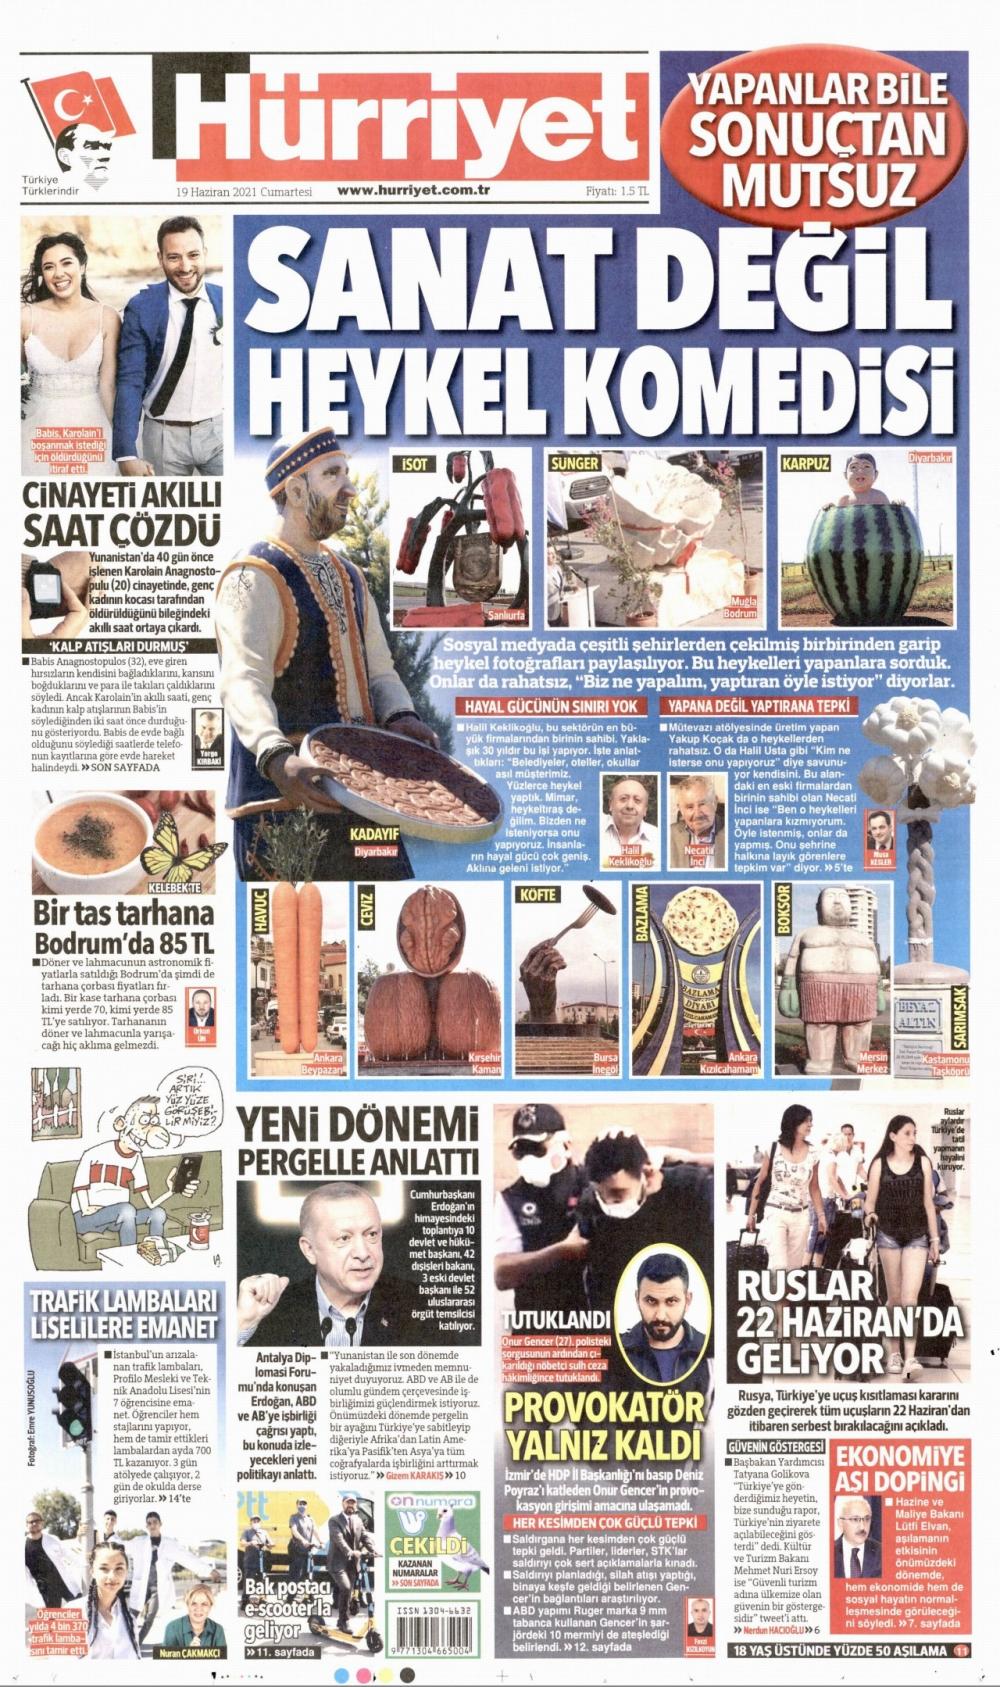 Günün Gazete Manşetleri 19 Haziran 2021 Gazeteler Ne Diyor? 1